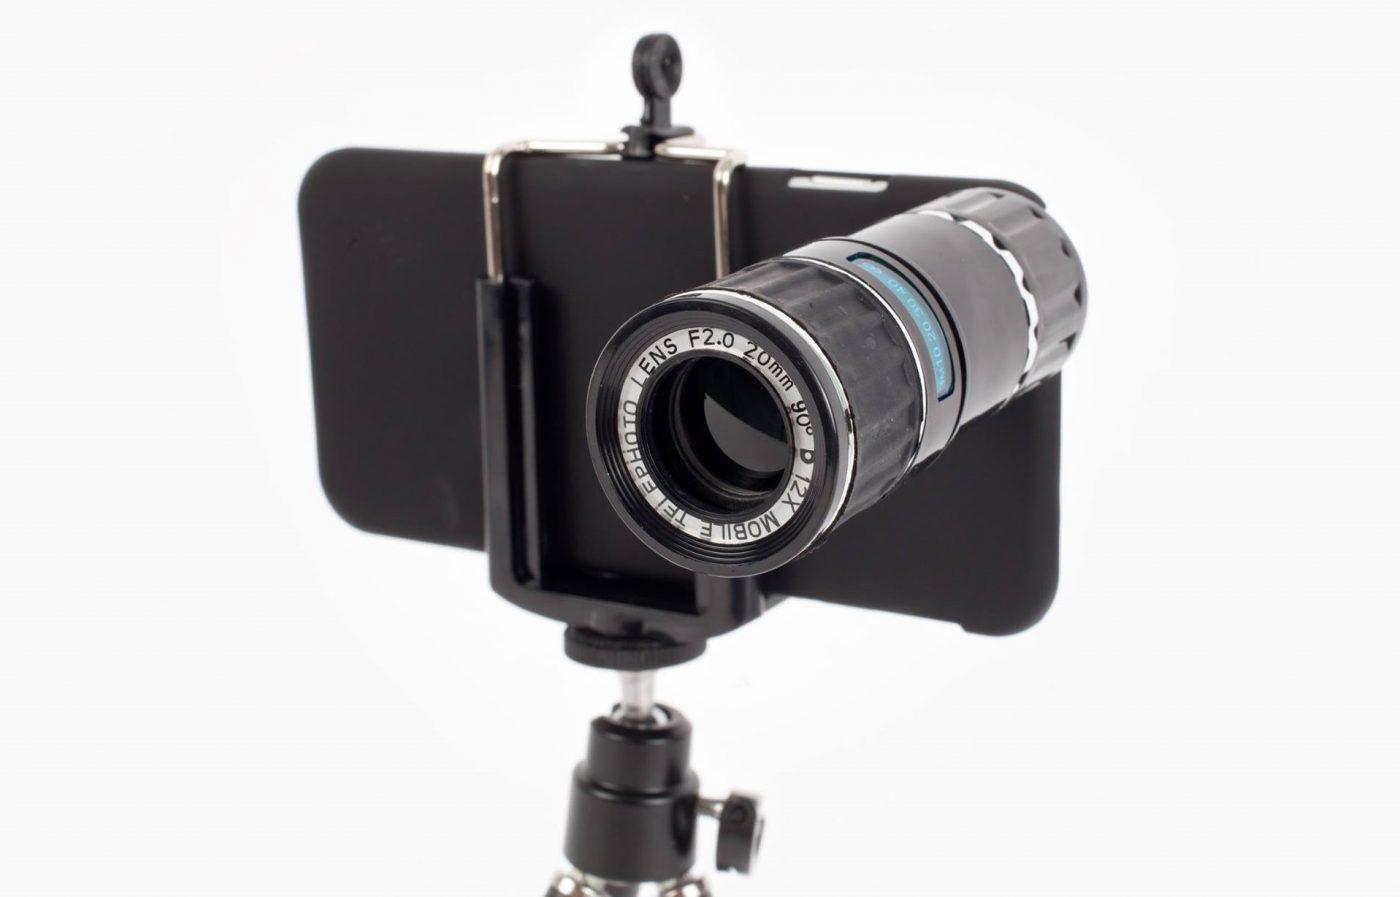 5 Smartphone Camera Lenses To Make Your Phone Photos Pop